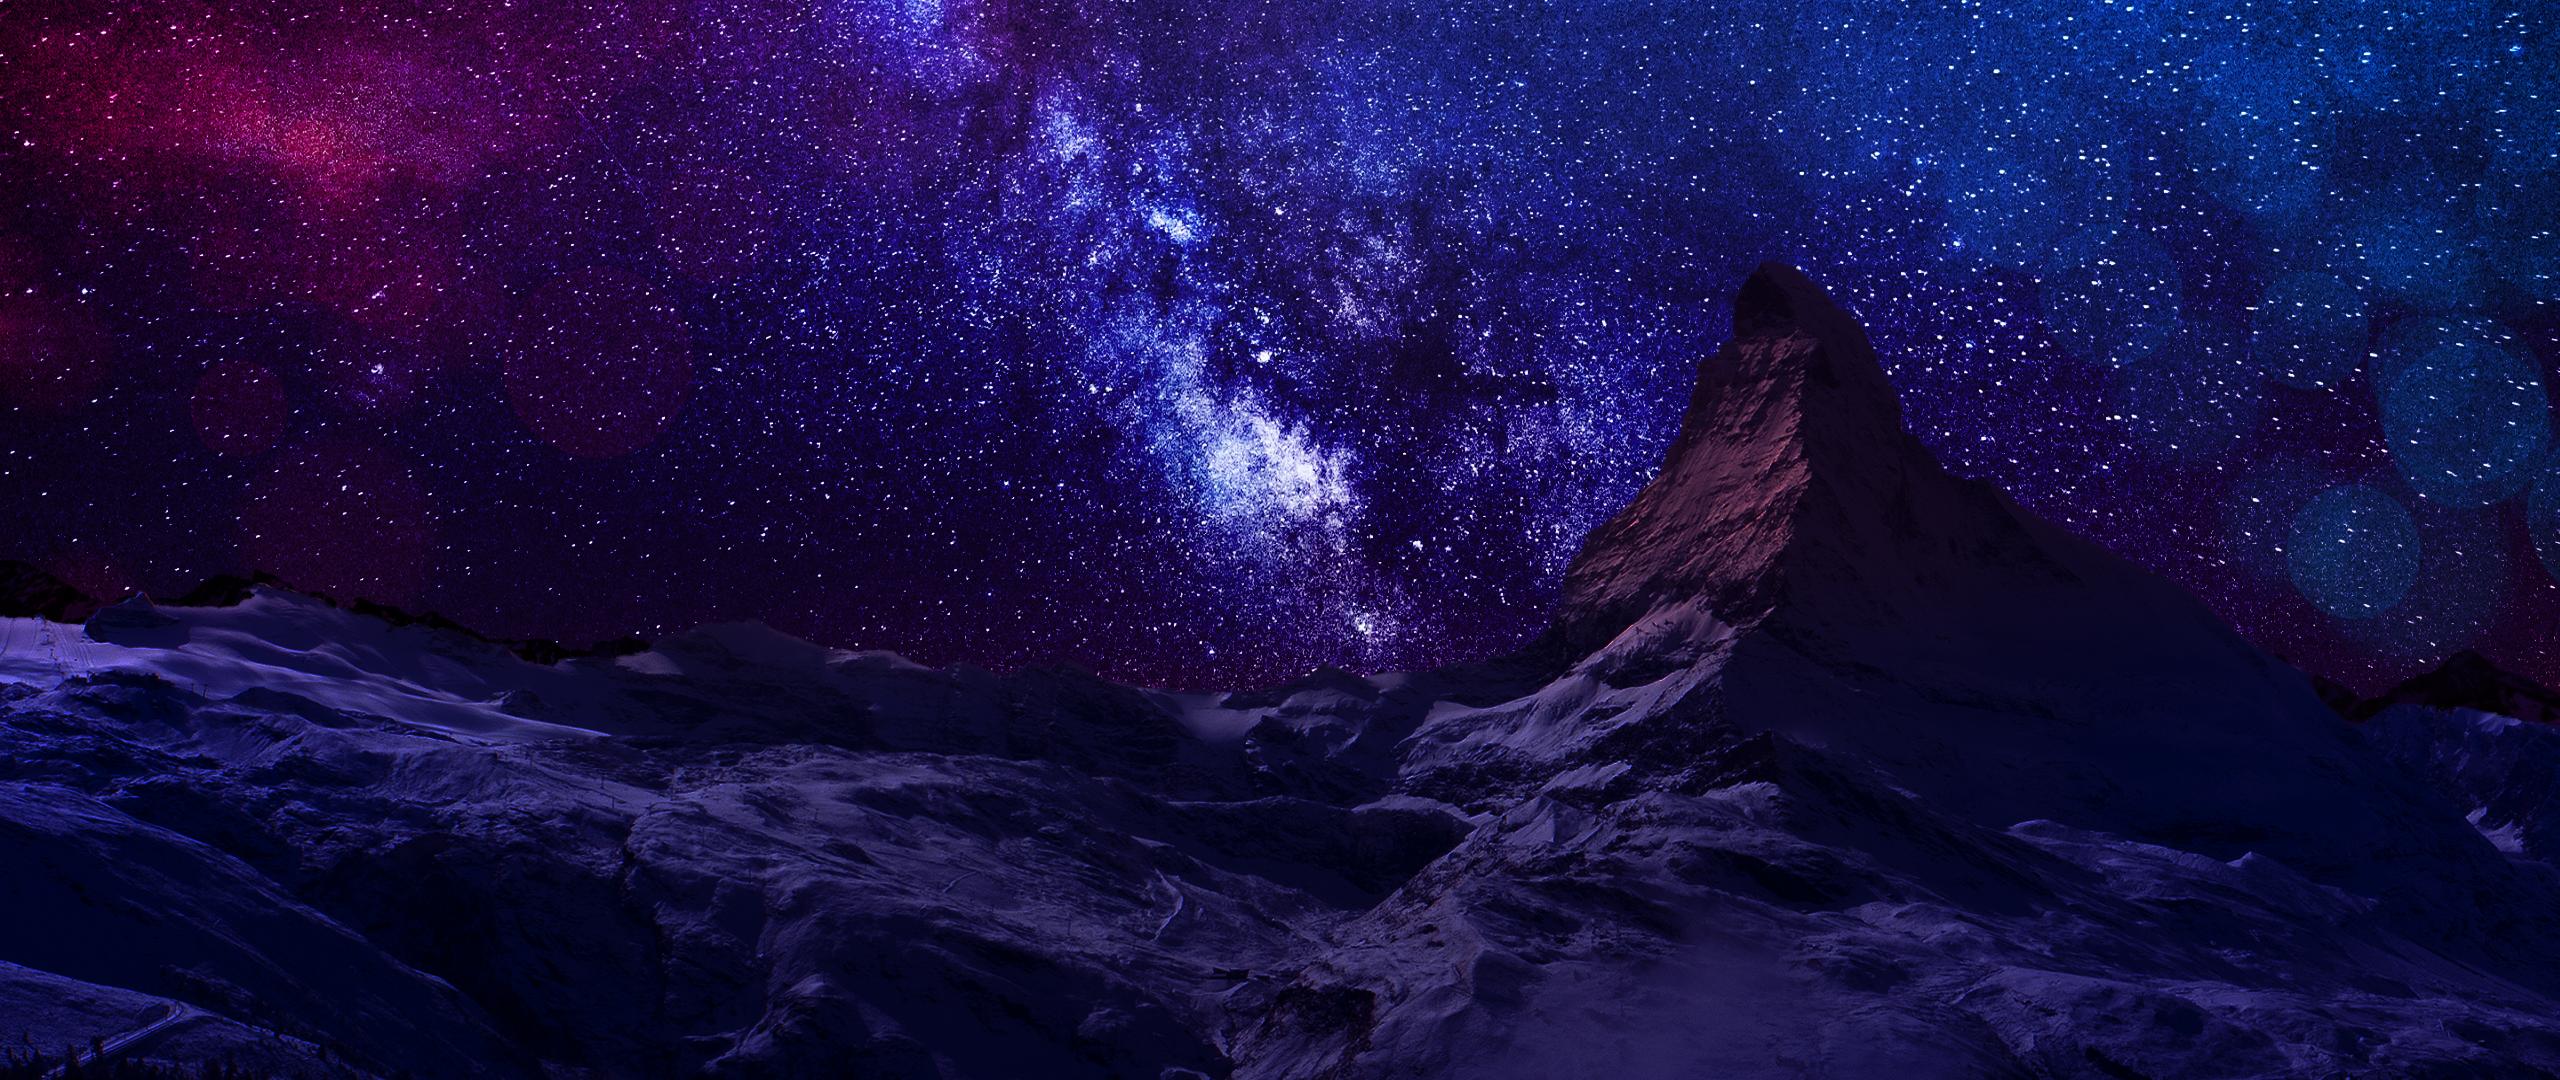 Dünya/Doğa - Gökyüzü Hill Snow Mavi Pink Dağ Gece Star Yıldızlar Mor  Duvarkağıdı - Pink Star PNG HD